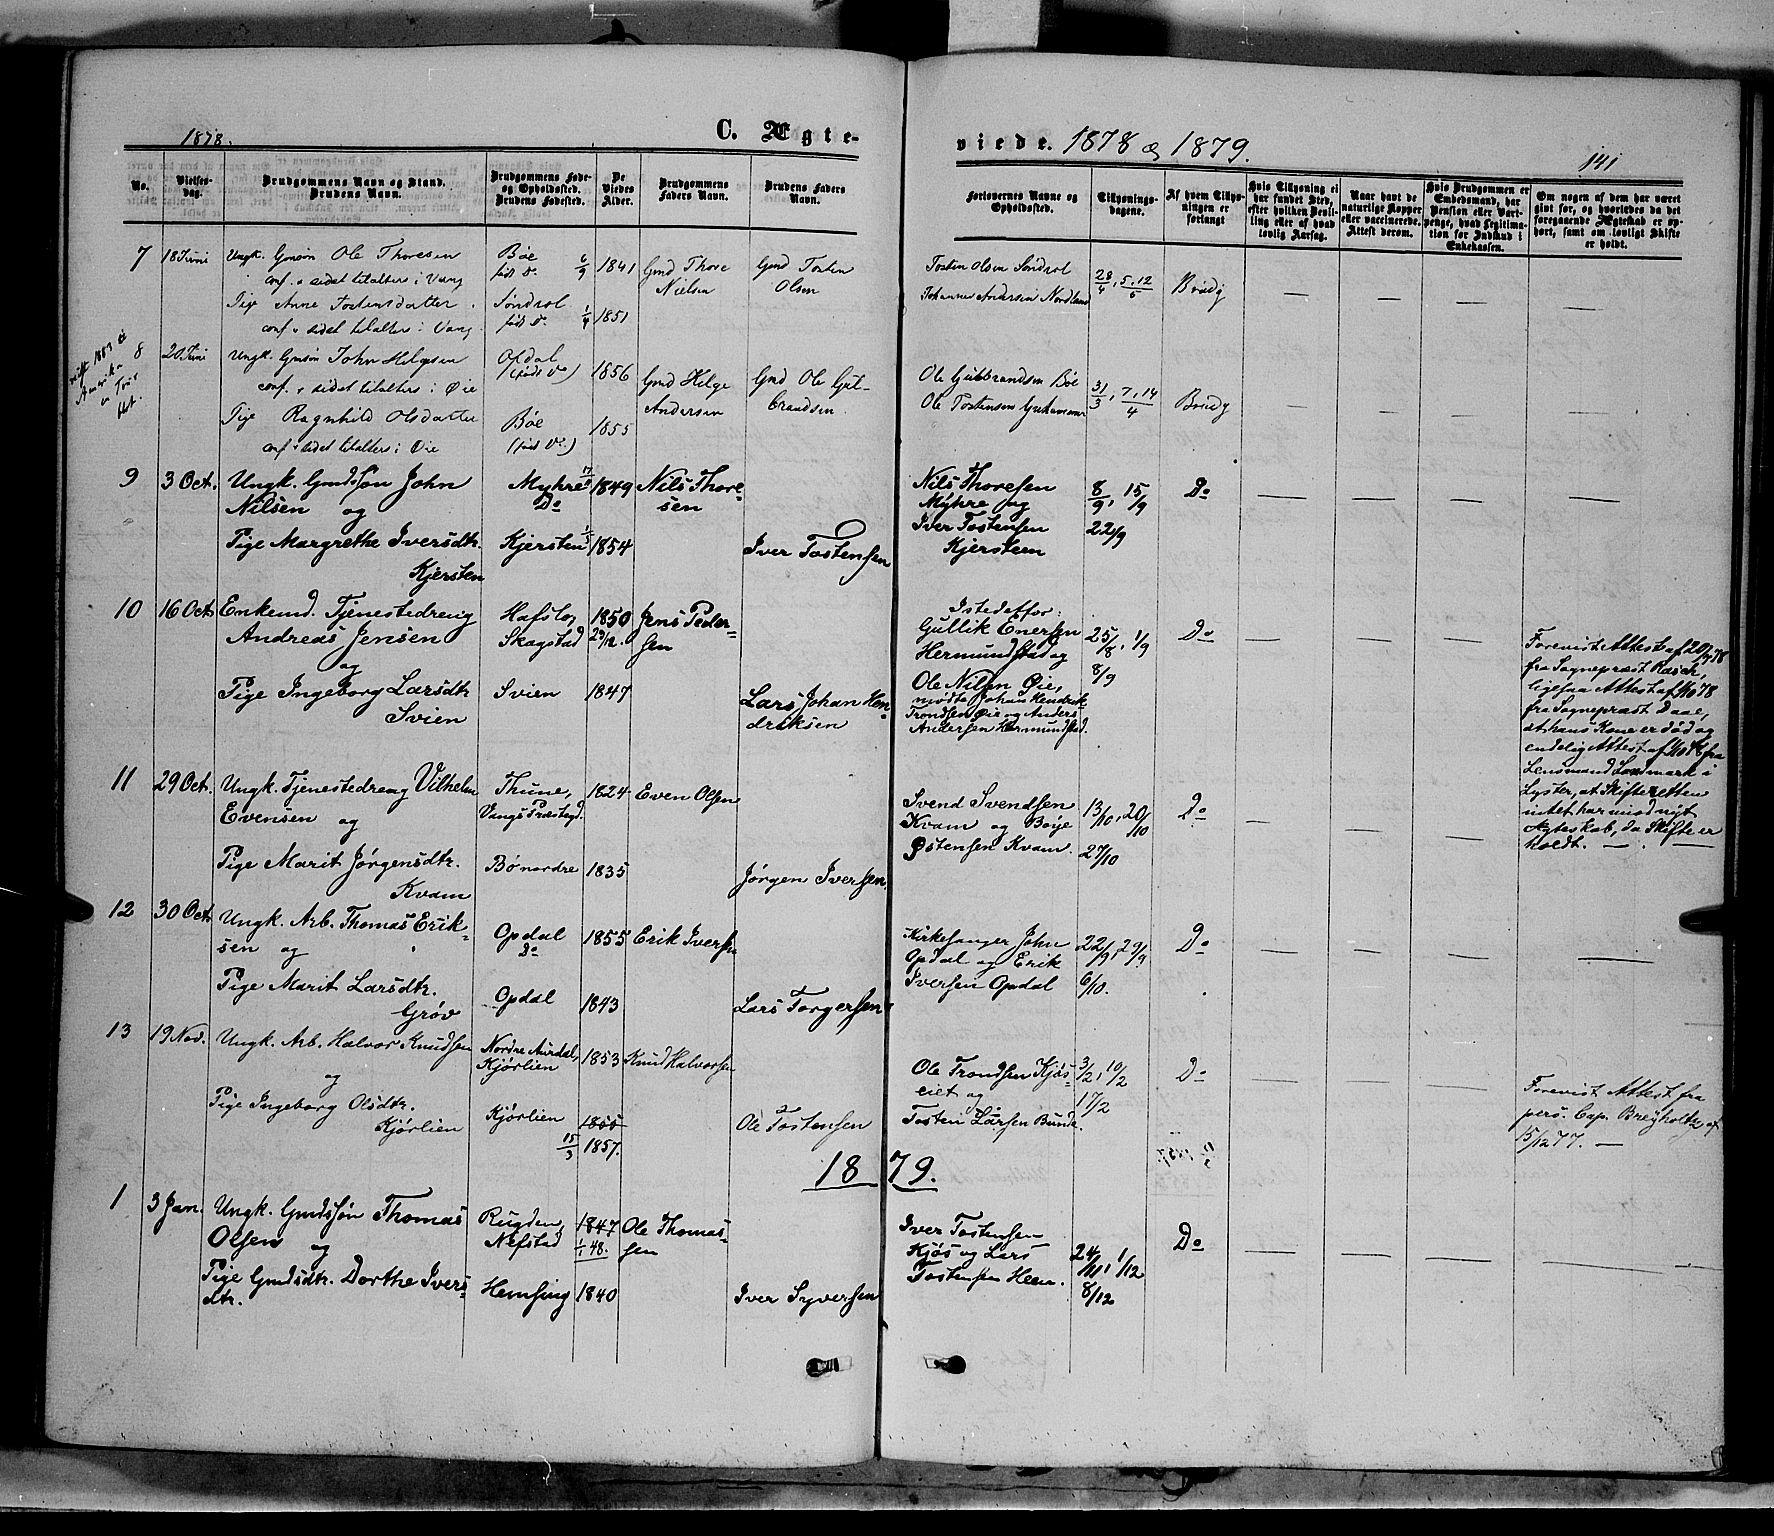 SAH, Vang prestekontor, Valdres, Ministerialbok nr. 7, 1865-1881, s. 141